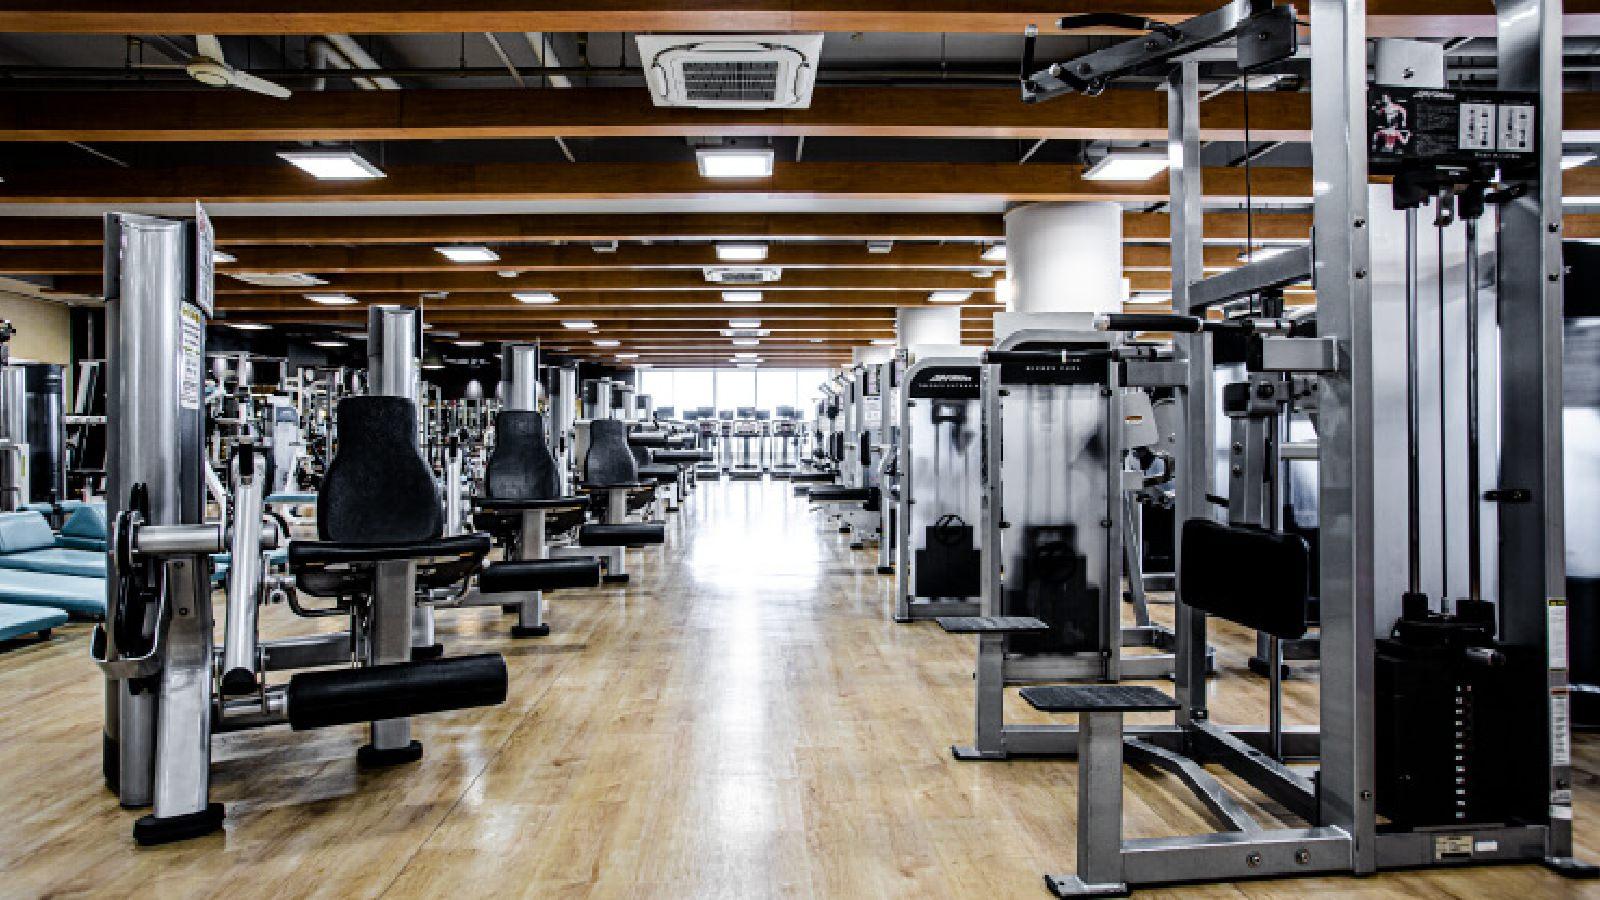 綱島店のトレーニングマシン